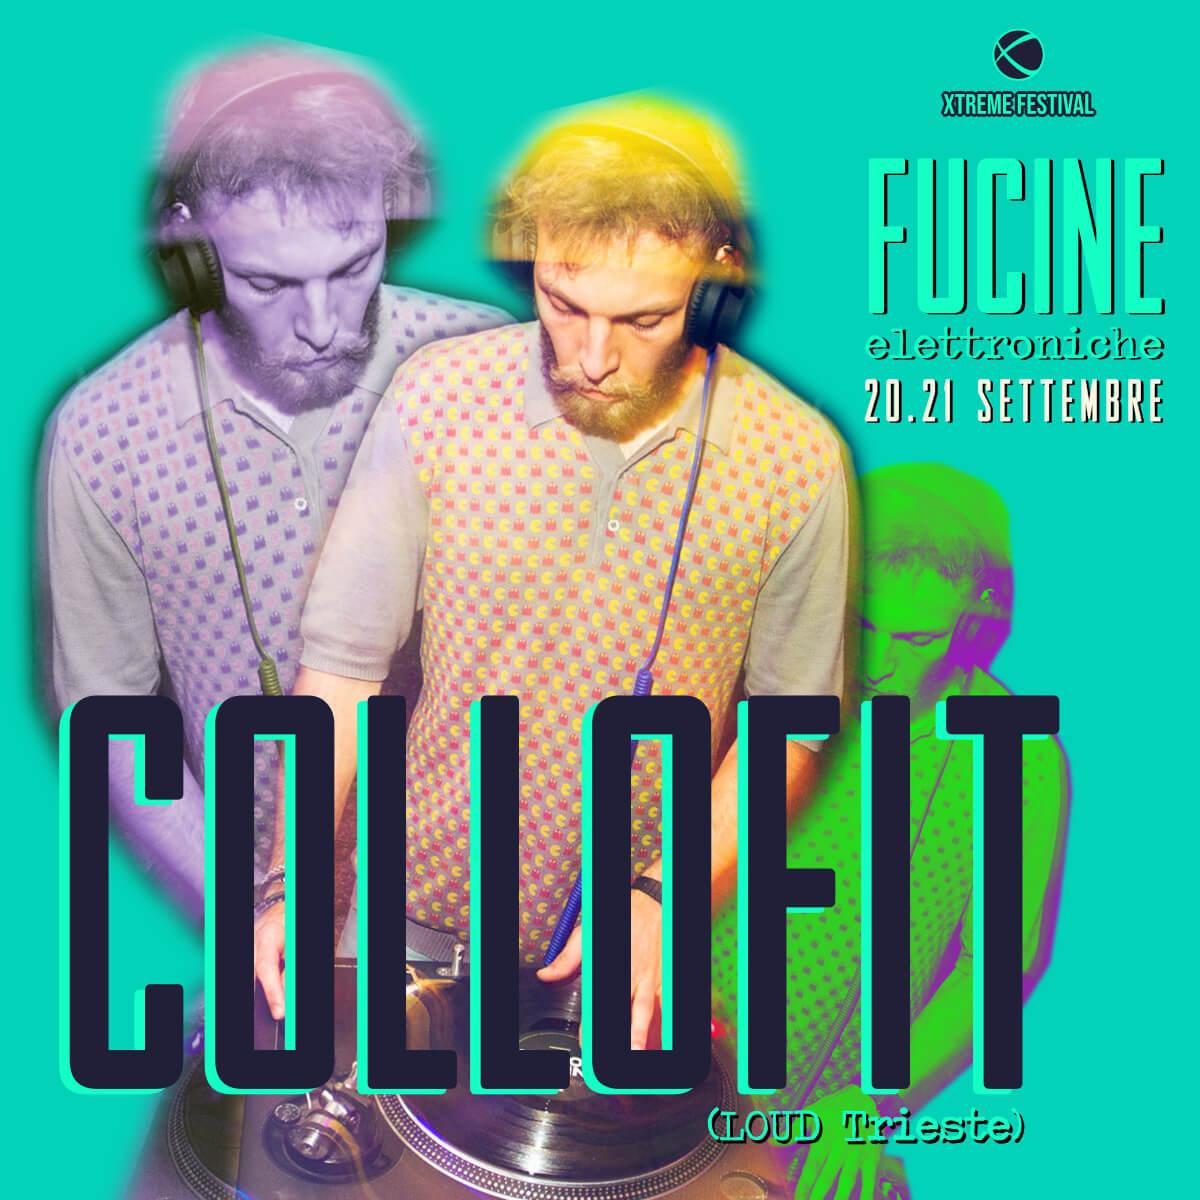 Collofit - Fucine Elettroniche Belluno - Xtreme Festival